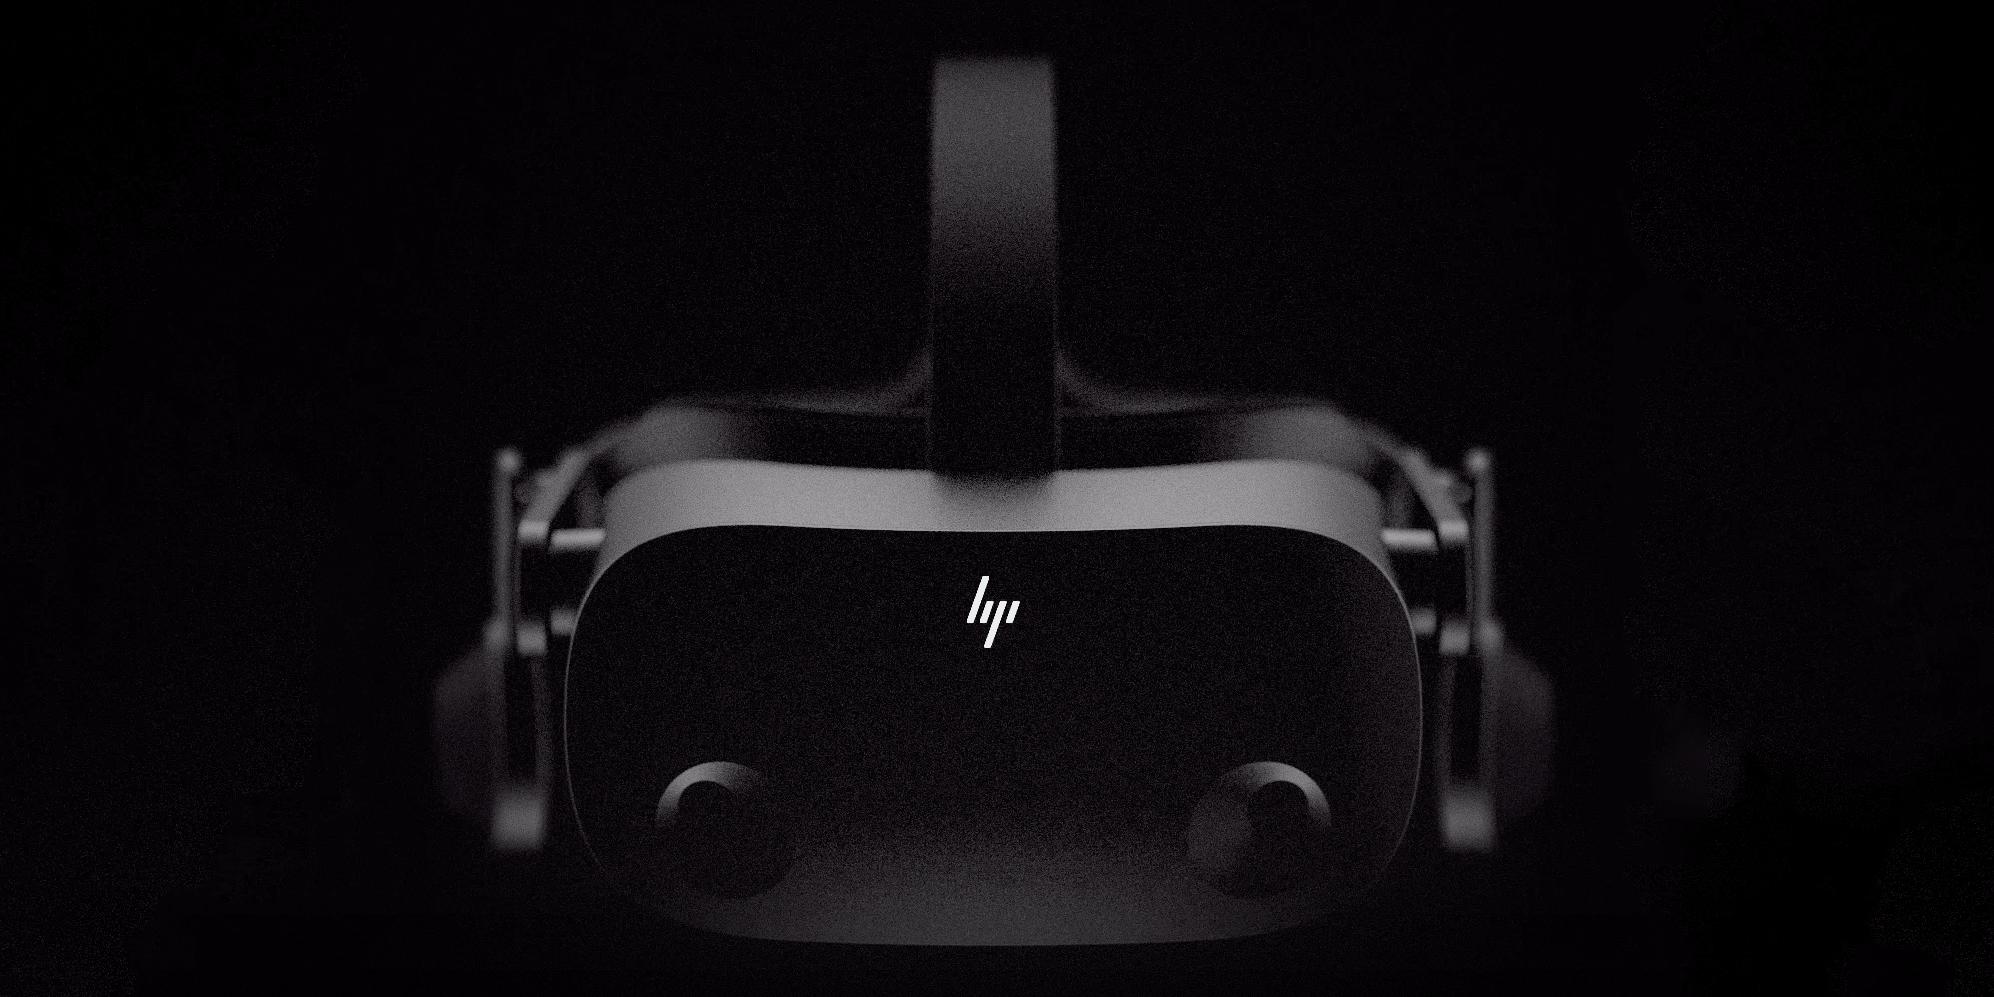 与Valve、微软合作,惠普推出新一代HP Reverb G2头显